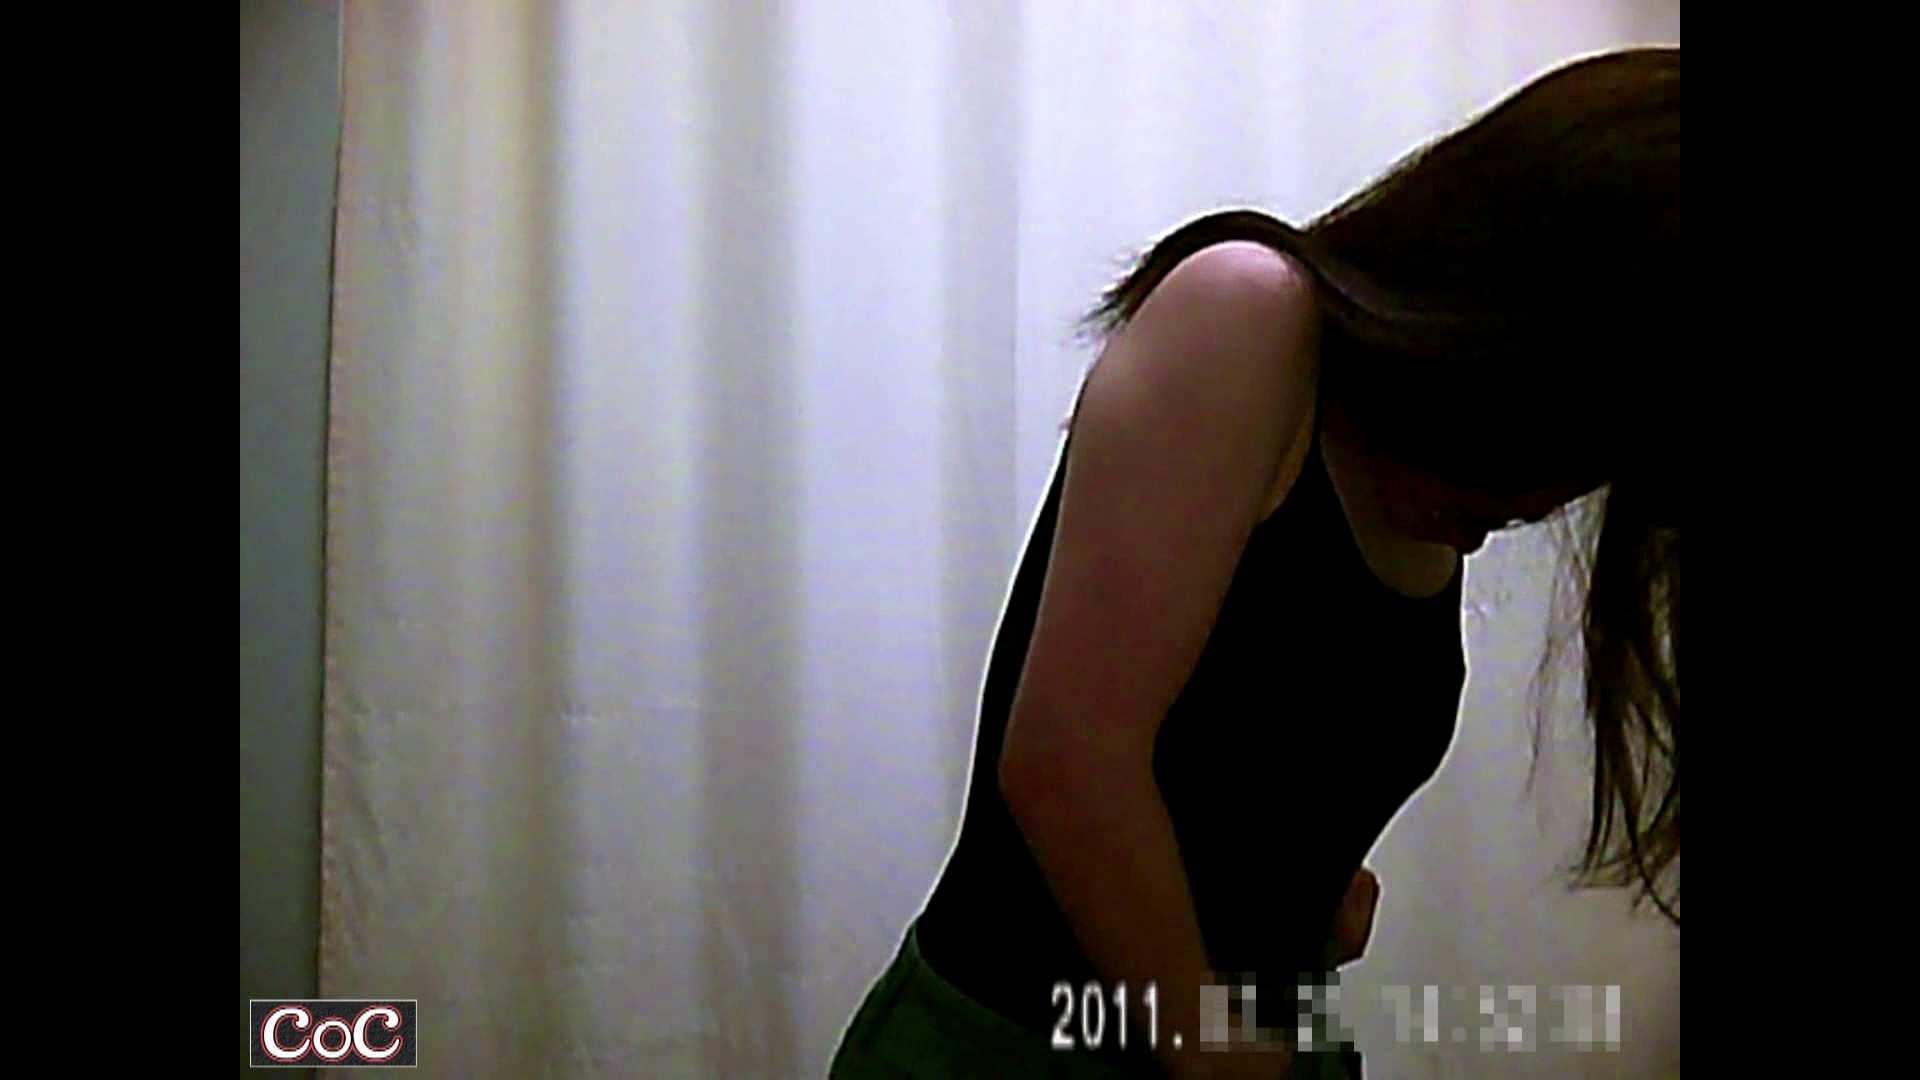 病院おもいっきり着替え! vol.04 OLエロ画像 盗撮セックス無修正動画無料 113PICs 23